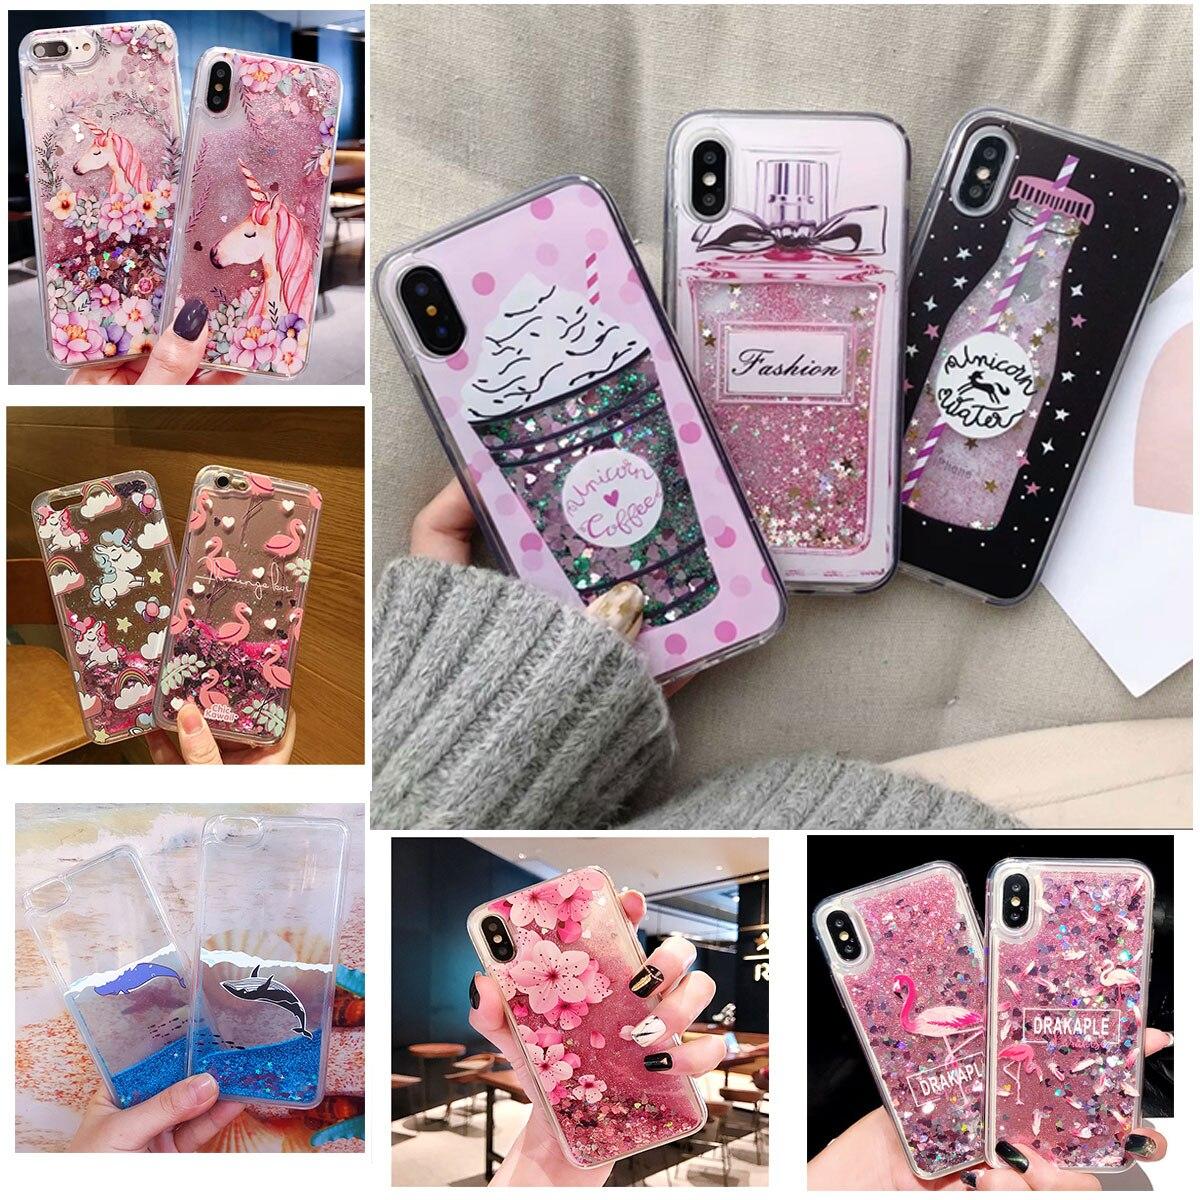 Soft-Cover Phone-Cases Unicorn Whale Liquid-Water-Case S7edge Lite-Plus A70 Minnie Samsung Galaxy